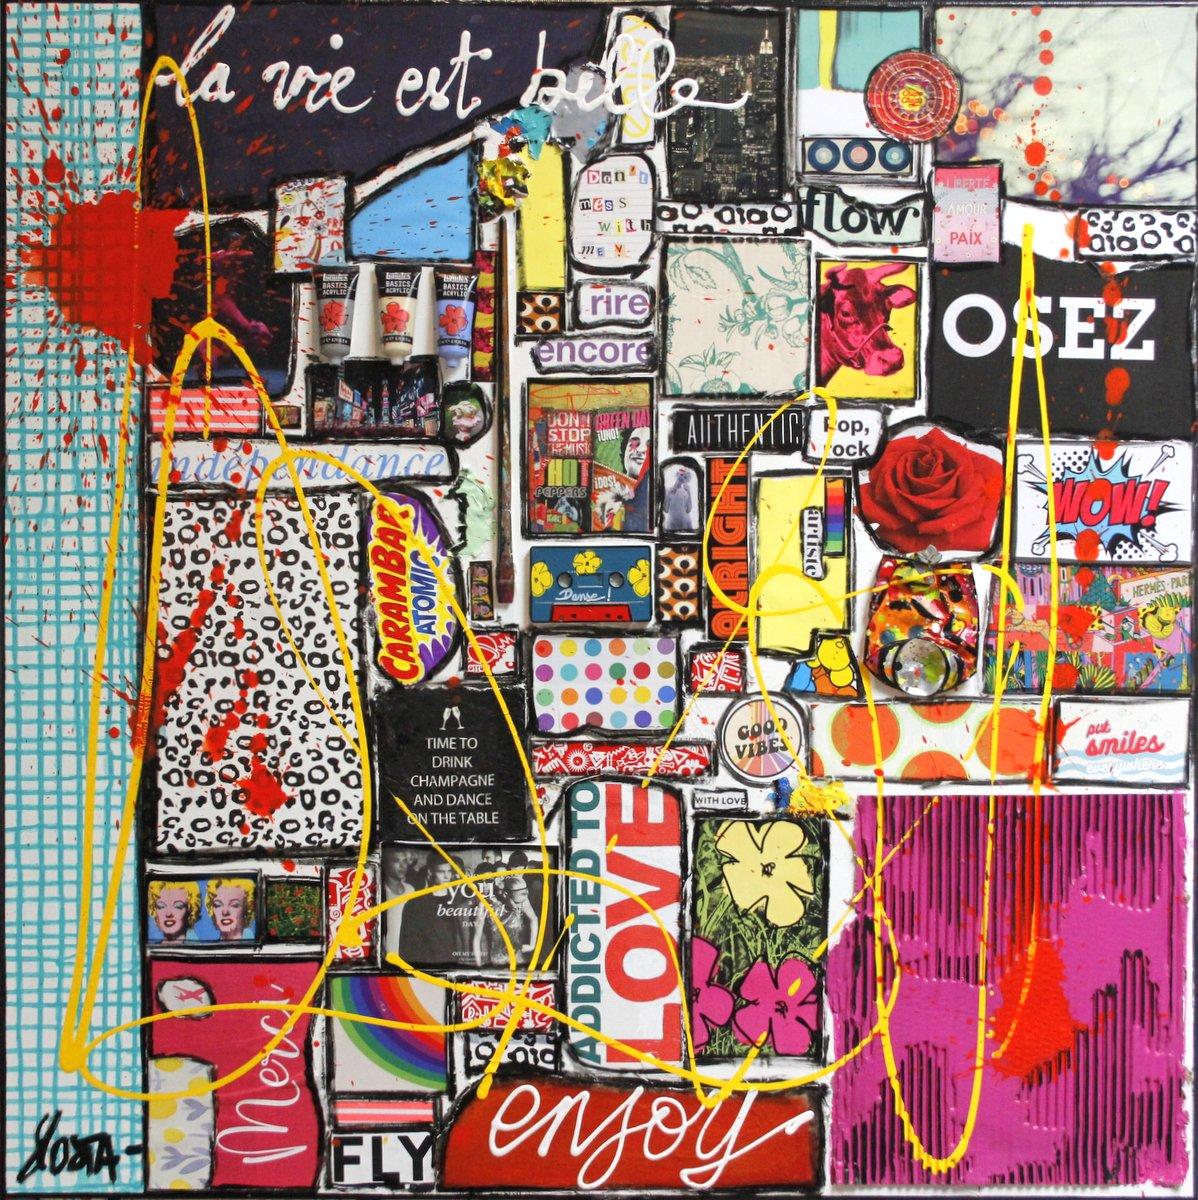 collage, multicolore, la vie est belle Tableau Contemporain, Osez, la vie est belle # 2. Sophie Costa, artiste peintre.